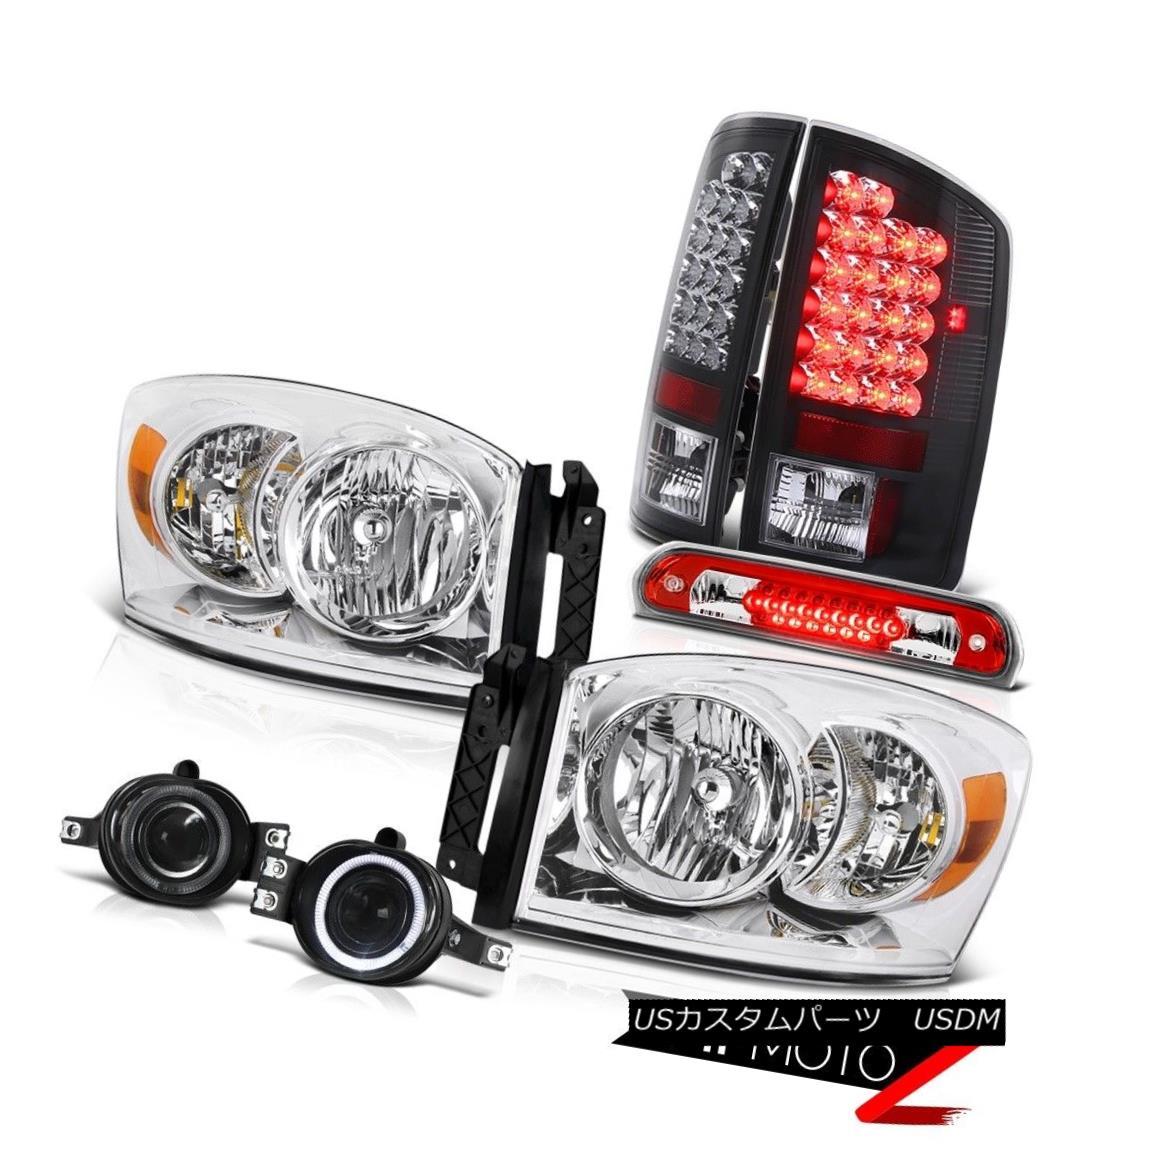 テールライト Clear Headlamp LED Black Taillamps Halo Fog 3rd Brake Red 2006 Dodge Ram WS クリアヘッドランプLEDブラックタイヤランプHalo Fog 3rdブレーキレッド2006 Dodge Ram WS